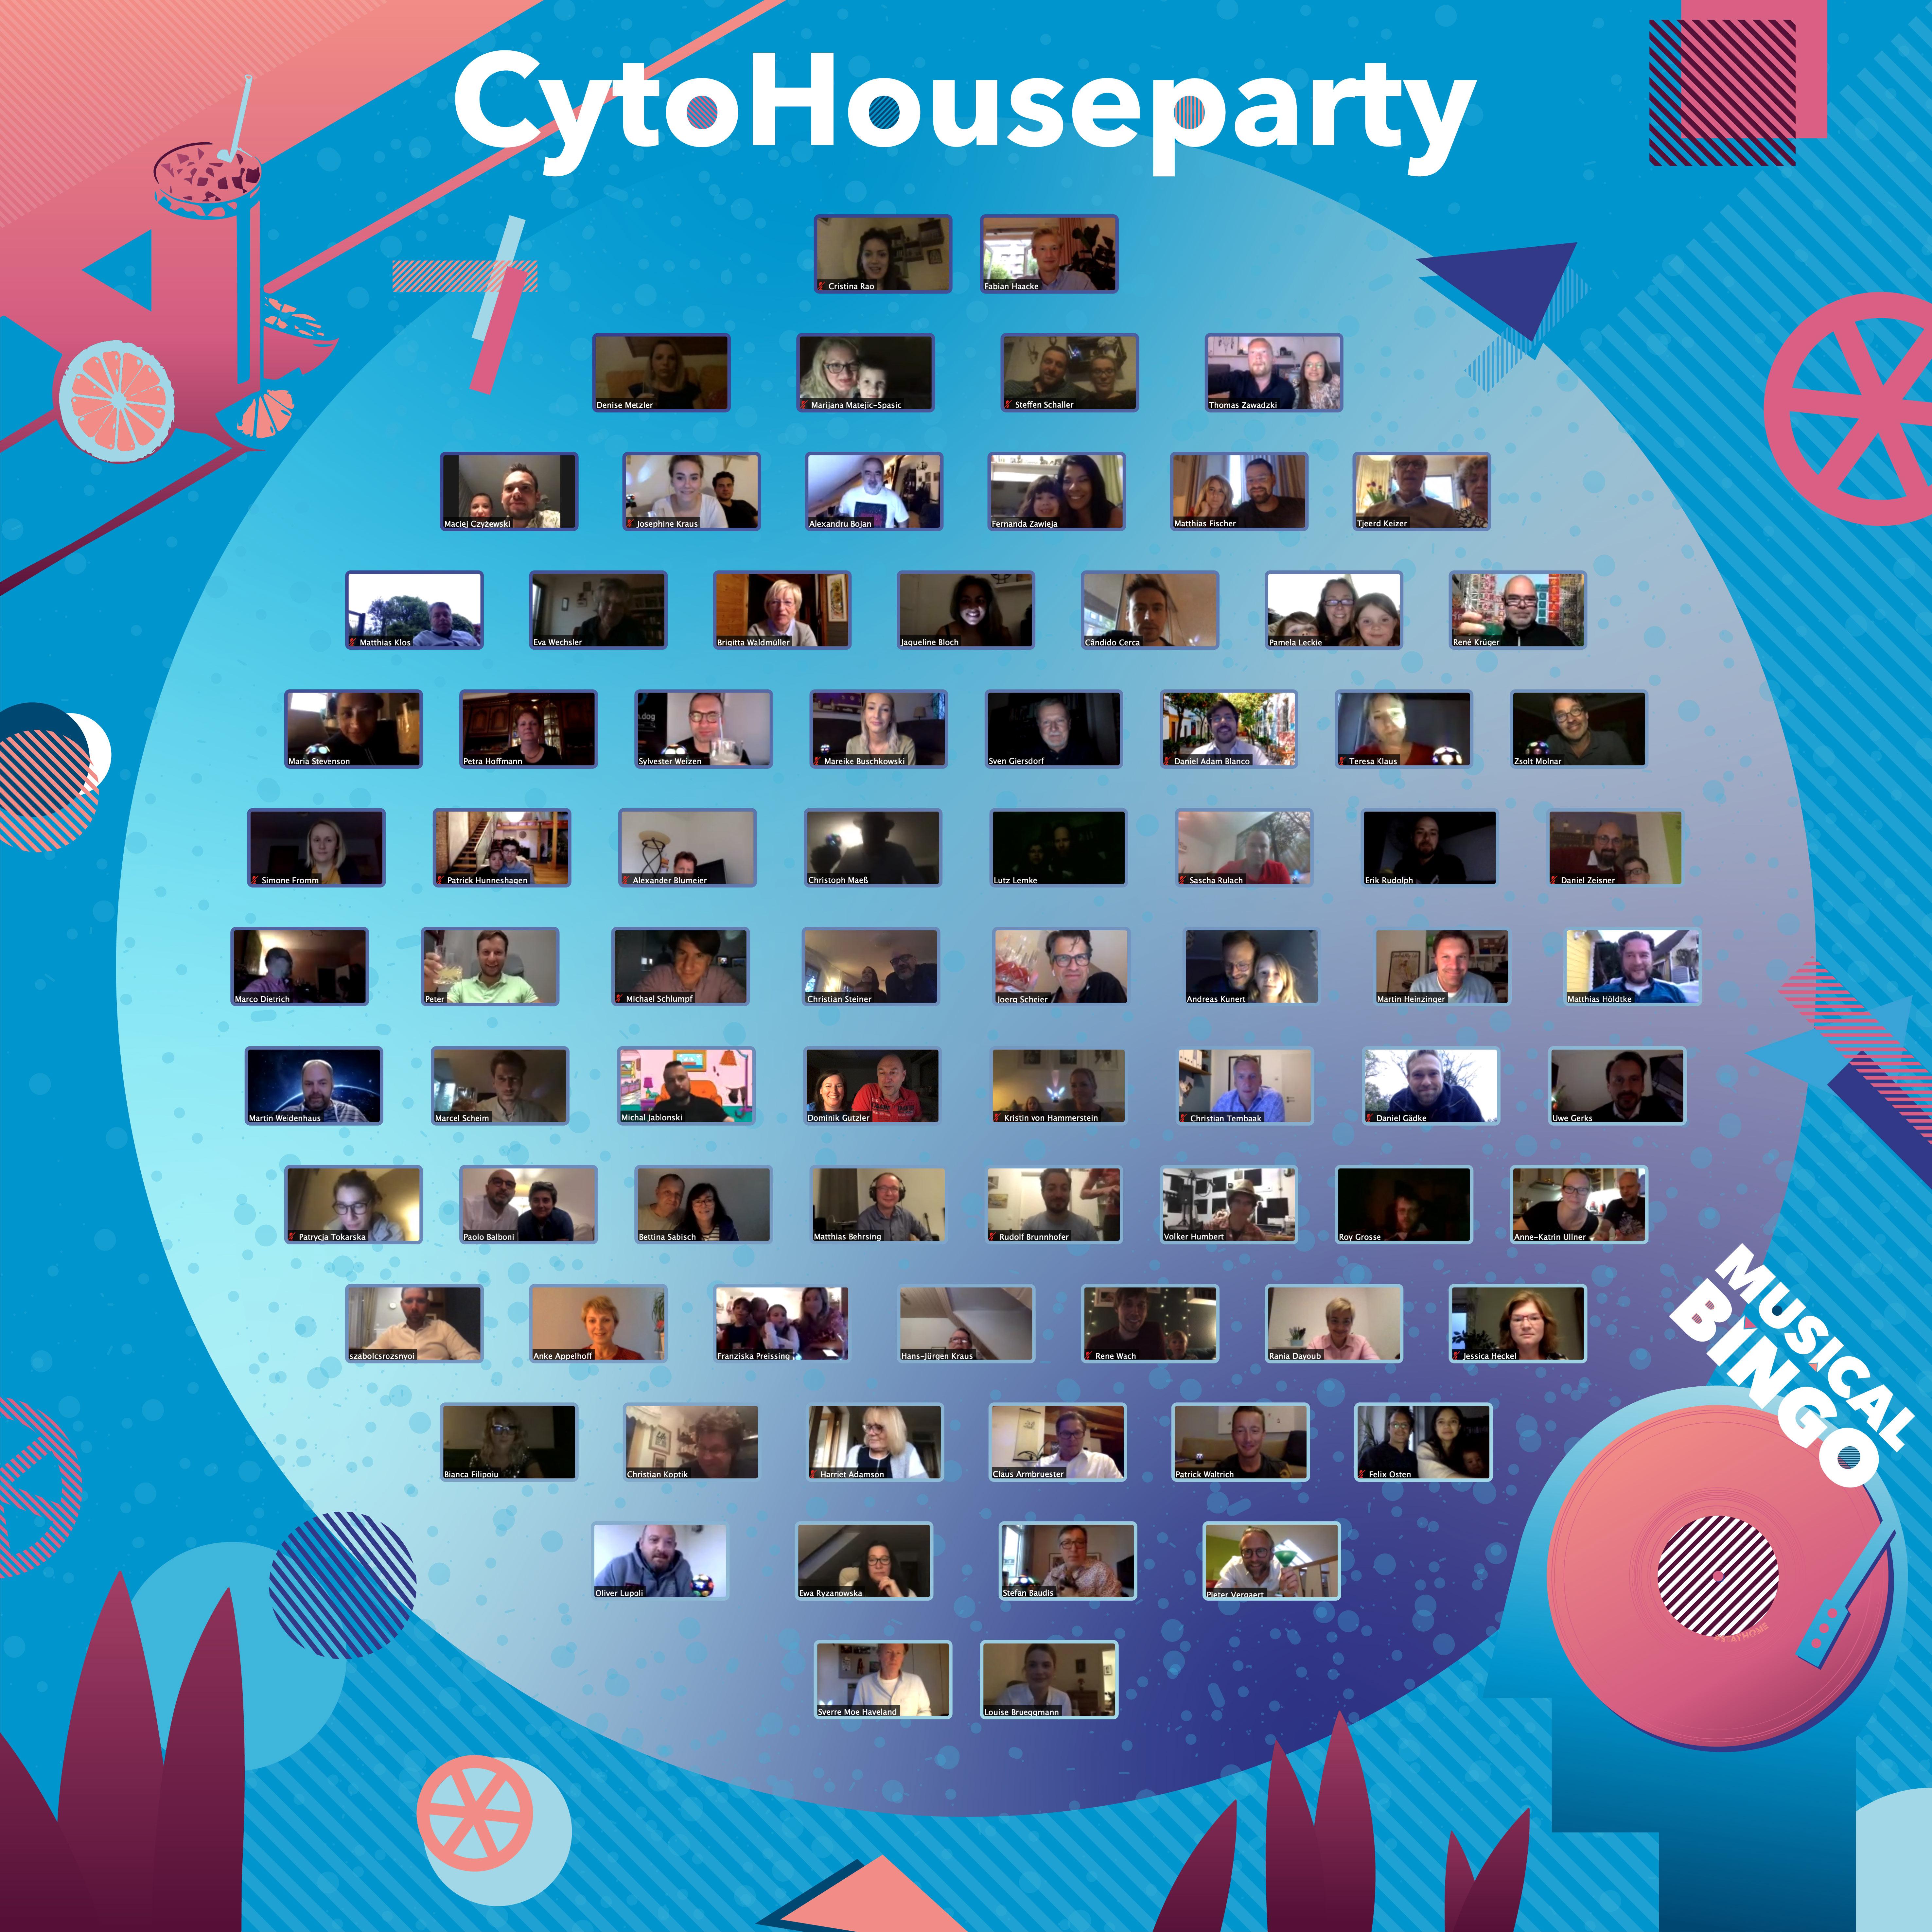 200515-CytoHouseparty-Poster-Web-lowres